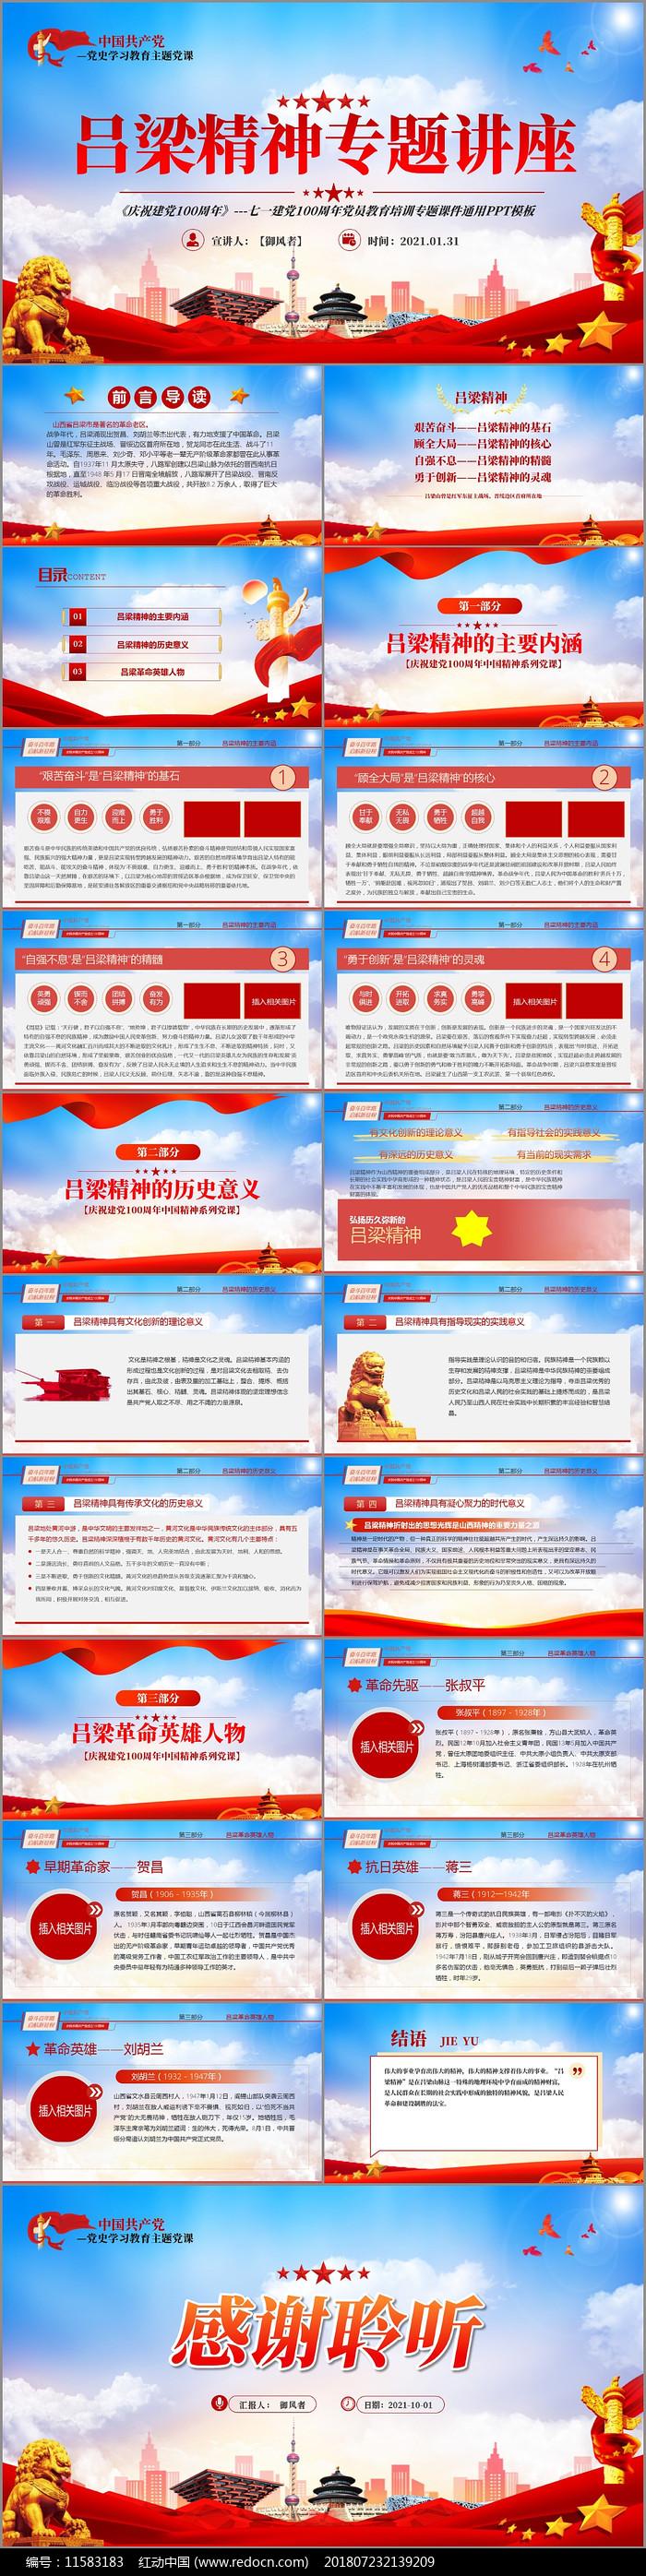 吕梁精神建七一党课模板PPT图片